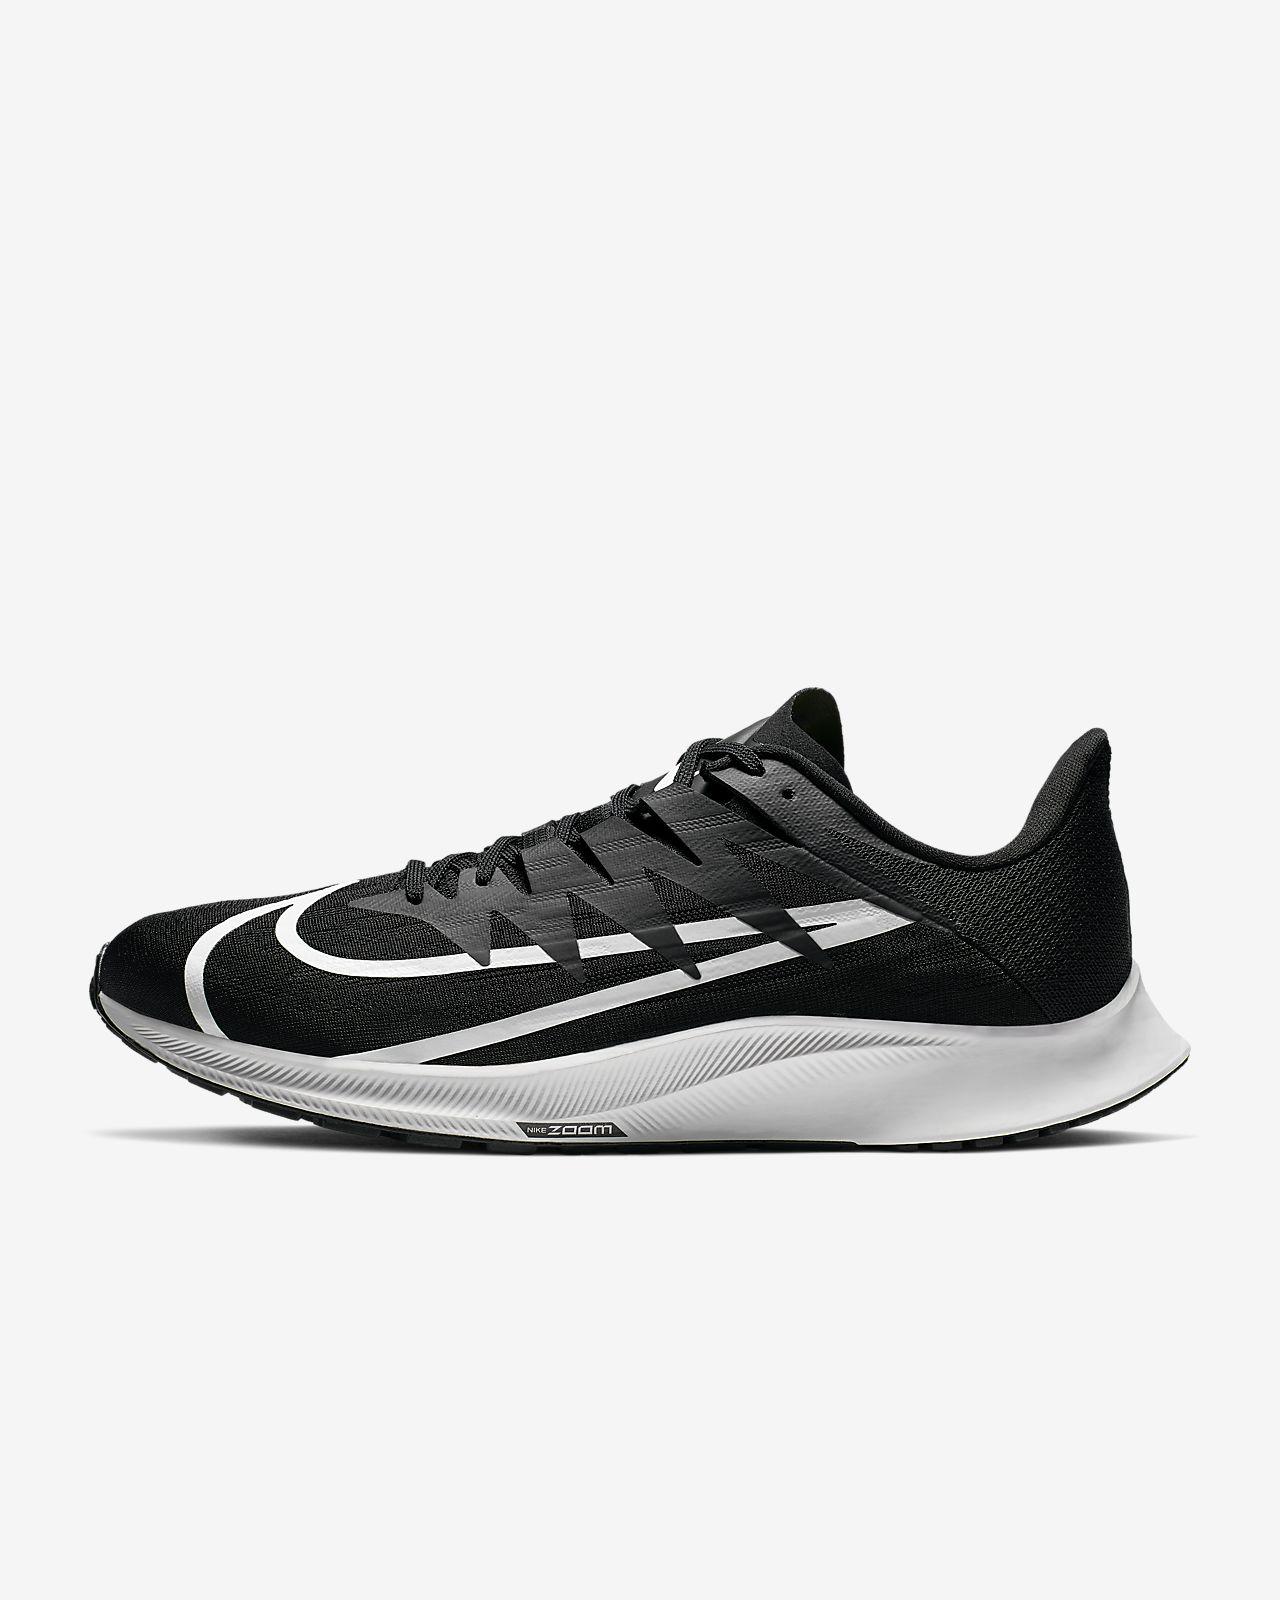 Nike Zoom Rival Fly 男款跑鞋